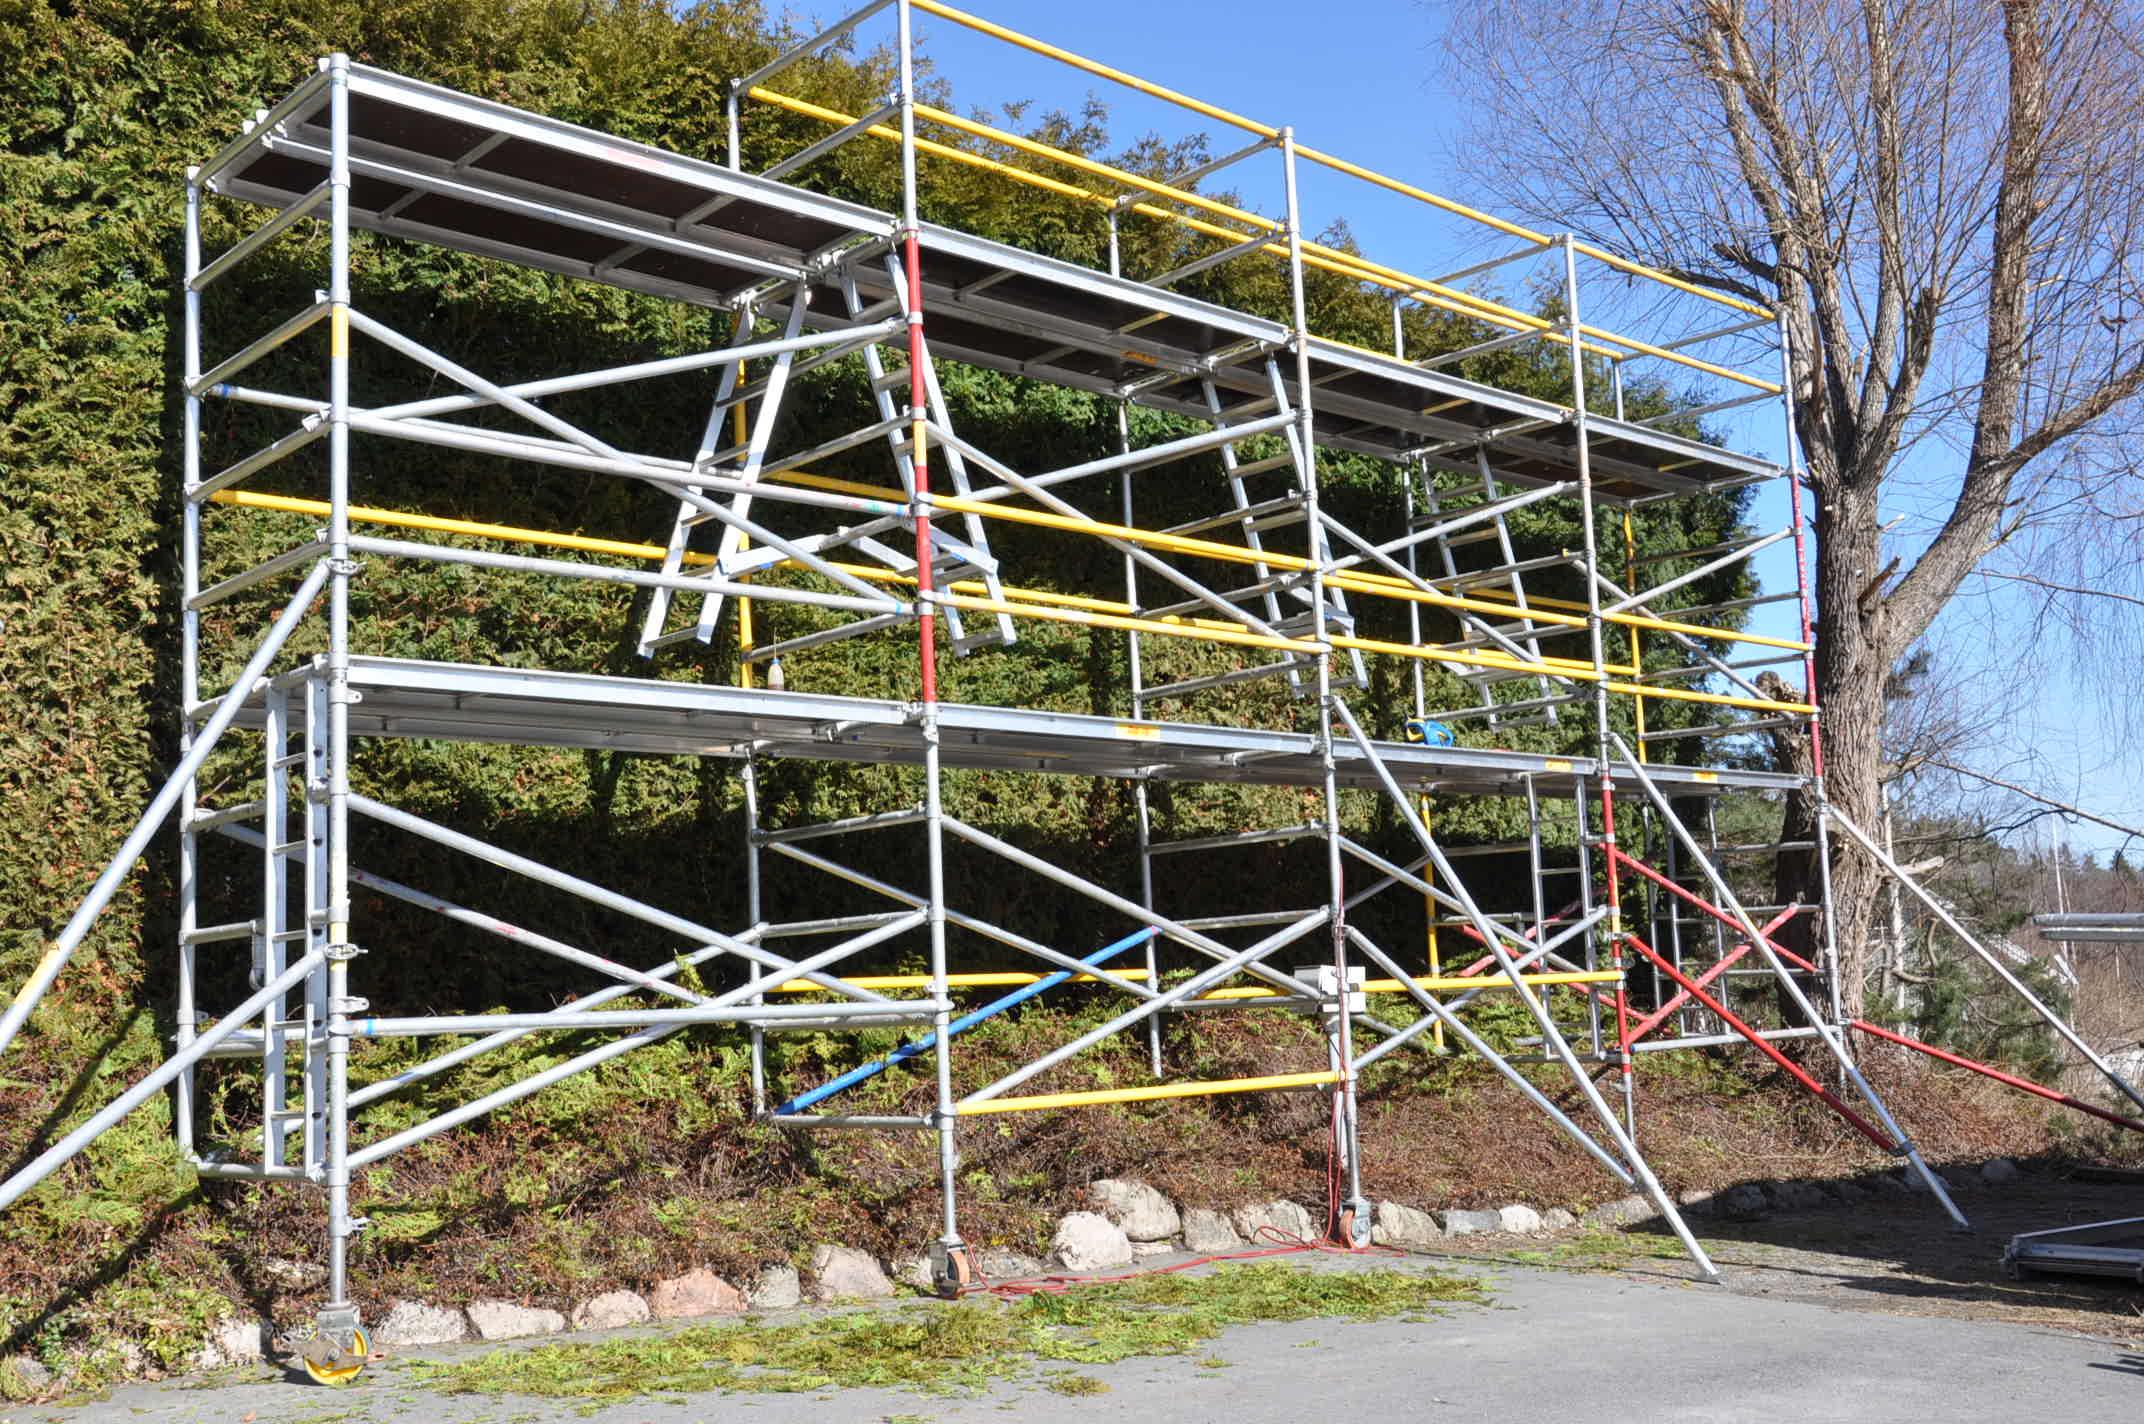 hyr byggställning stockholm målarställning måla ställning (2)